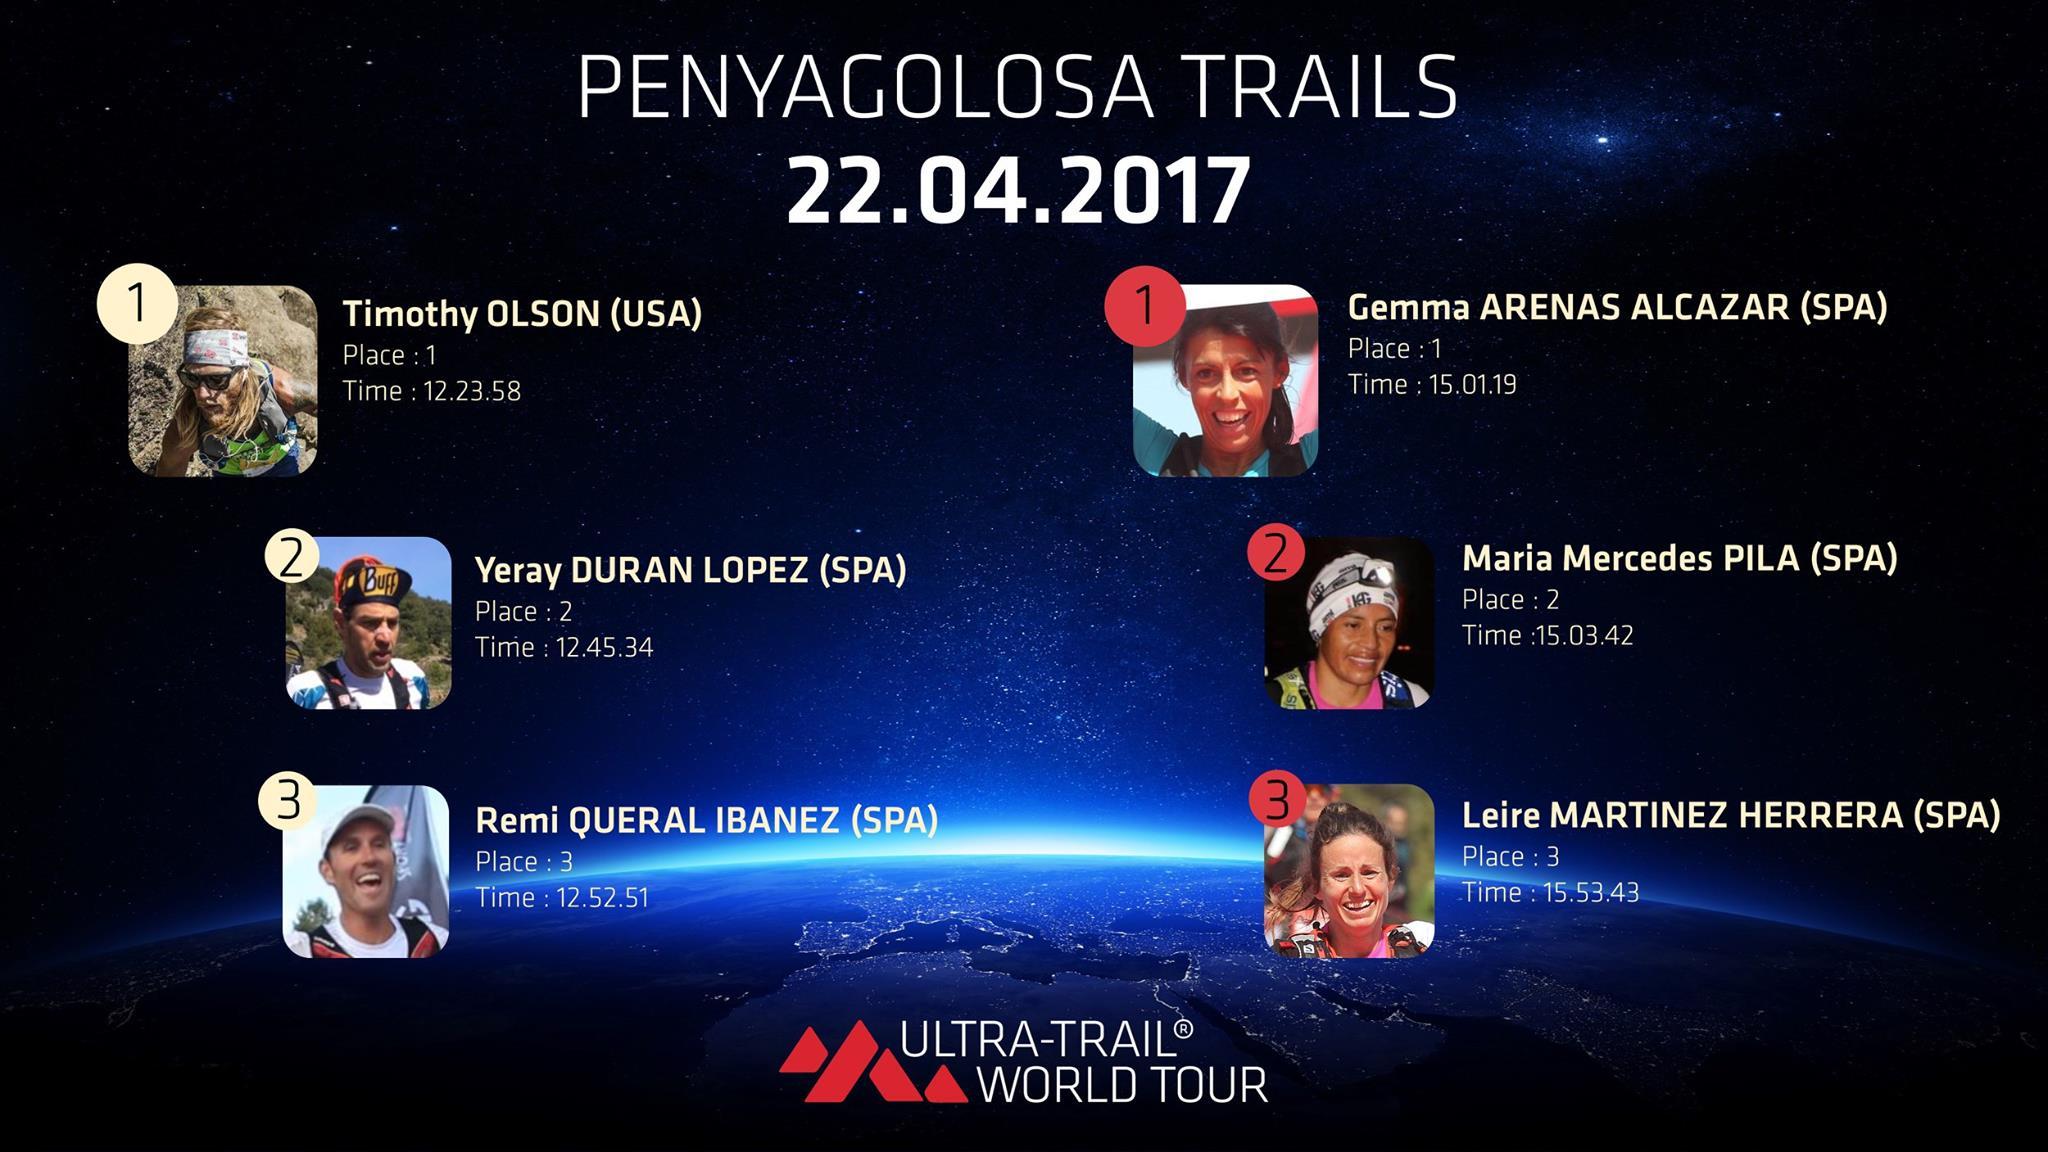 18155868 772195486281599 9093487832474675320 o - MIUT et Penyagolosa Trails 2017, deux courses de l'Ultra-Trail® World Tour passionnantes !